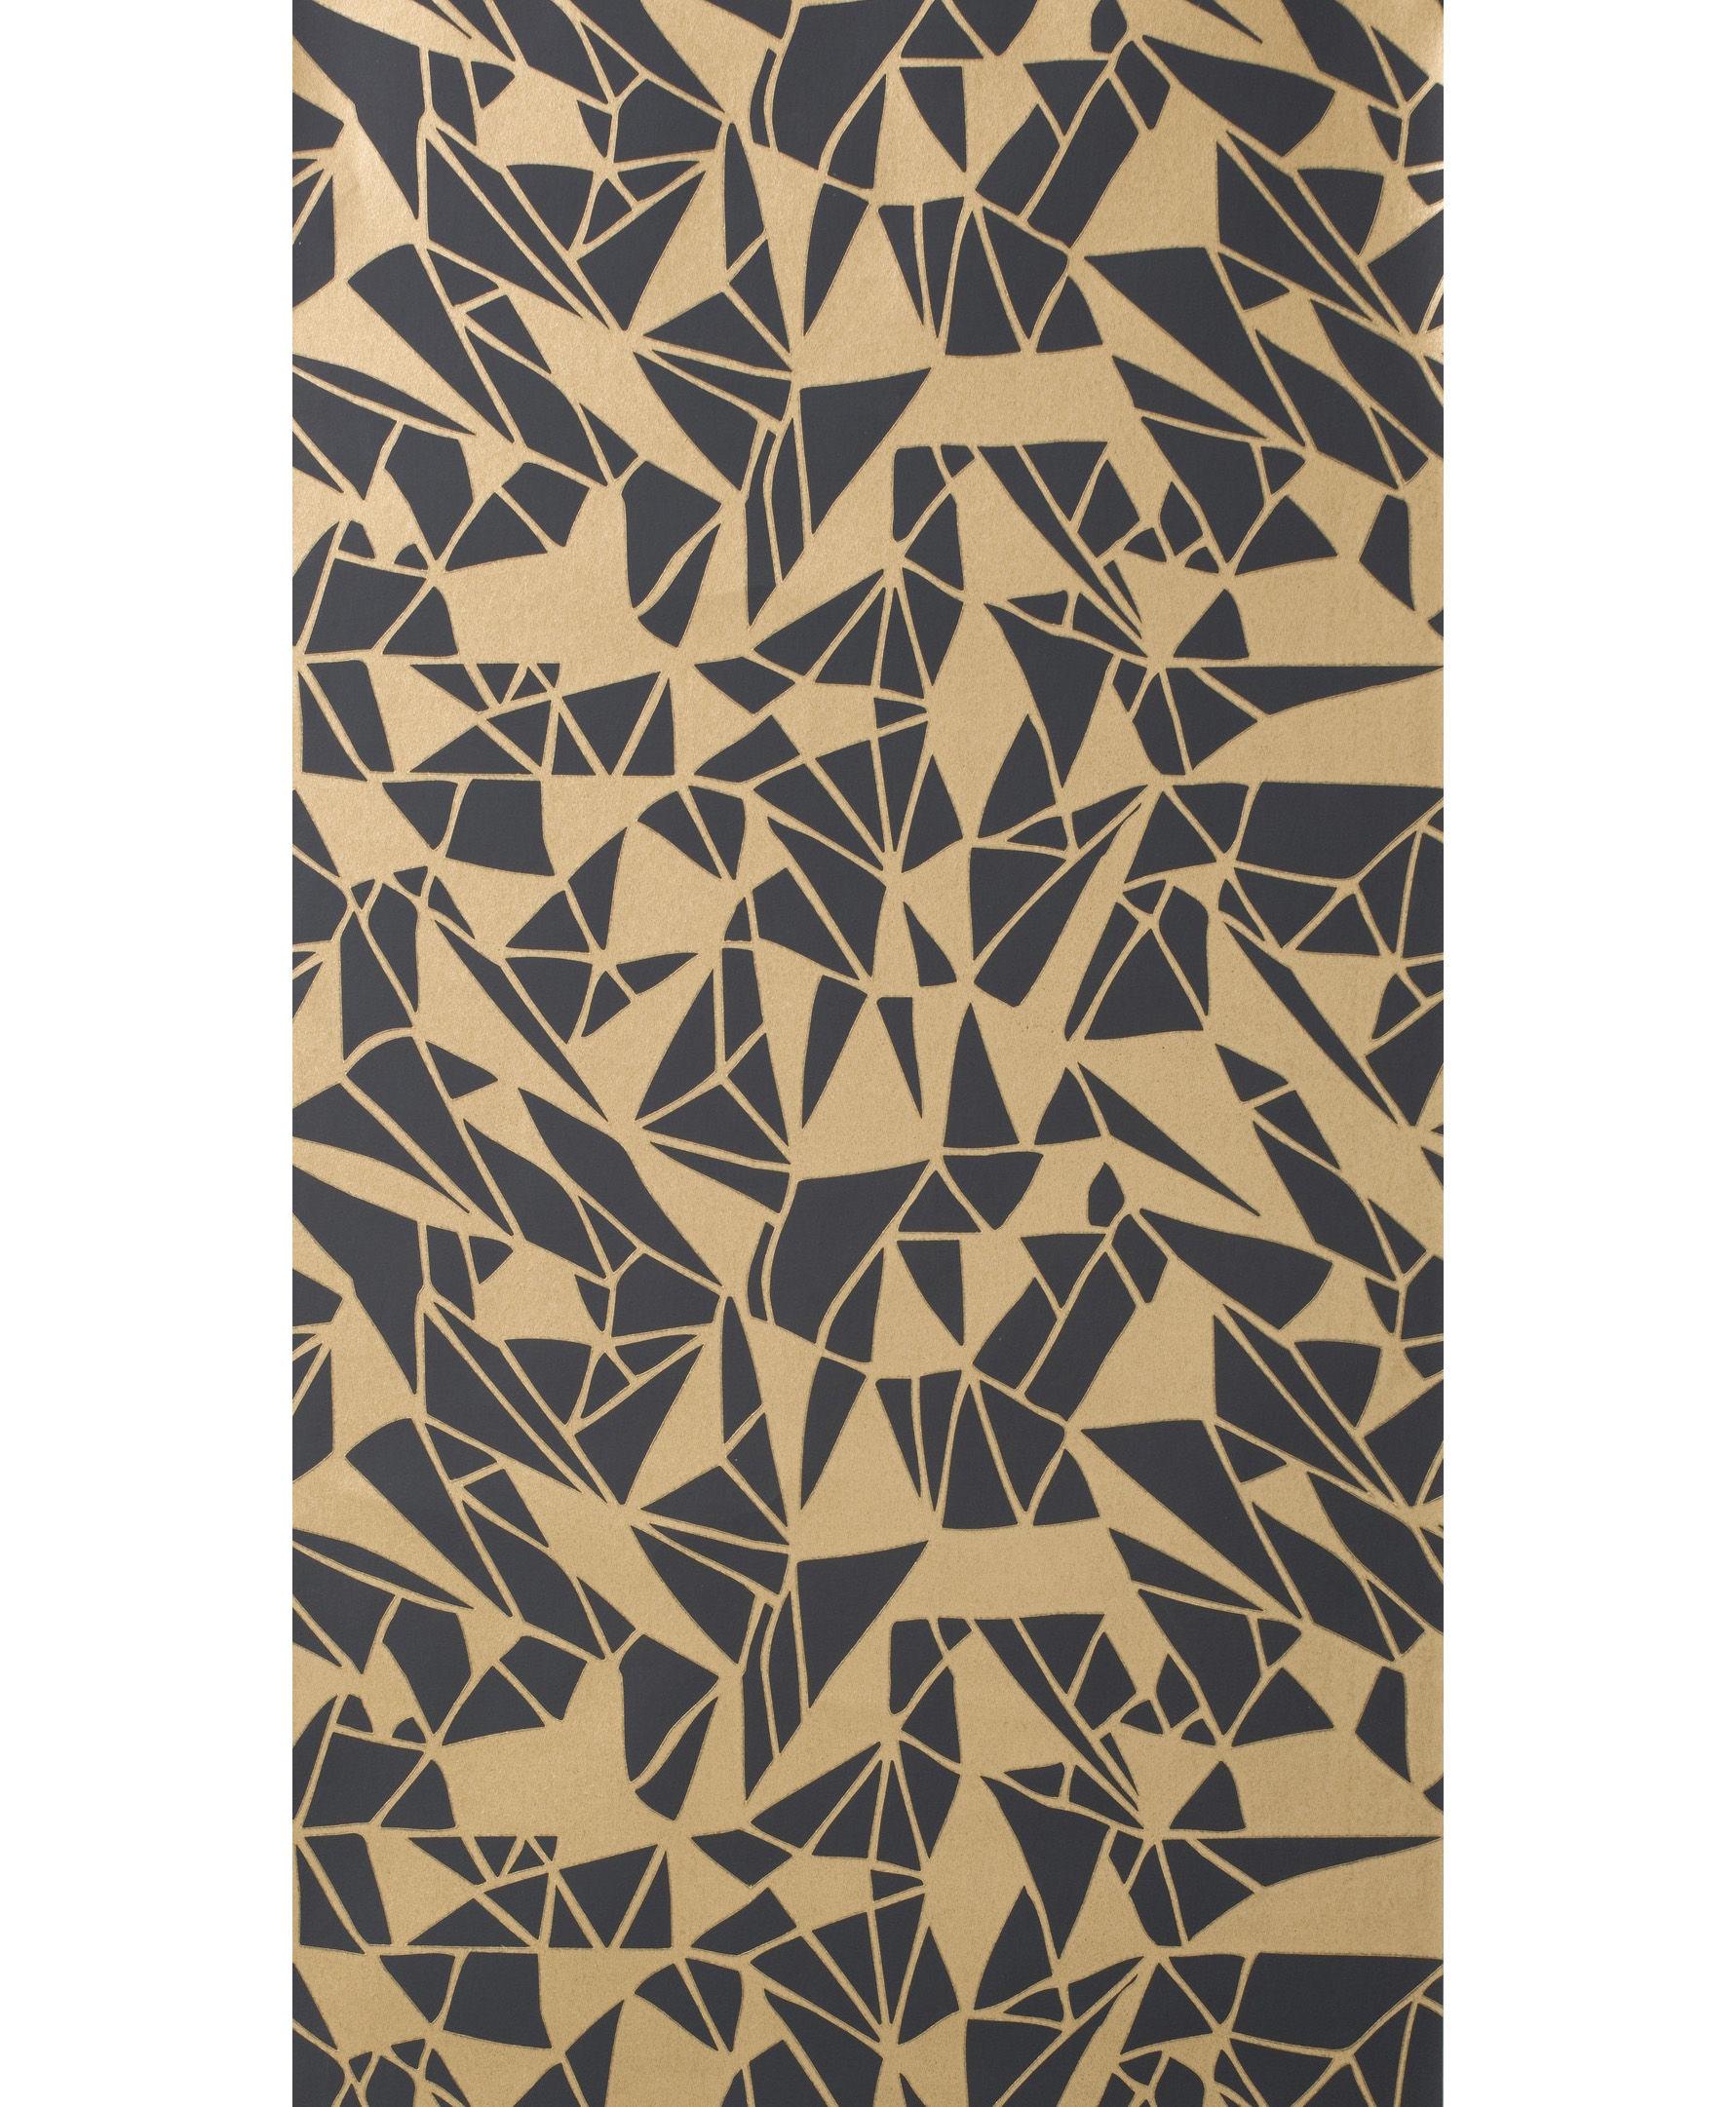 Papier Peint Monroe 1 Rouleau Larg 53 Cm Noir Or Ferm Living